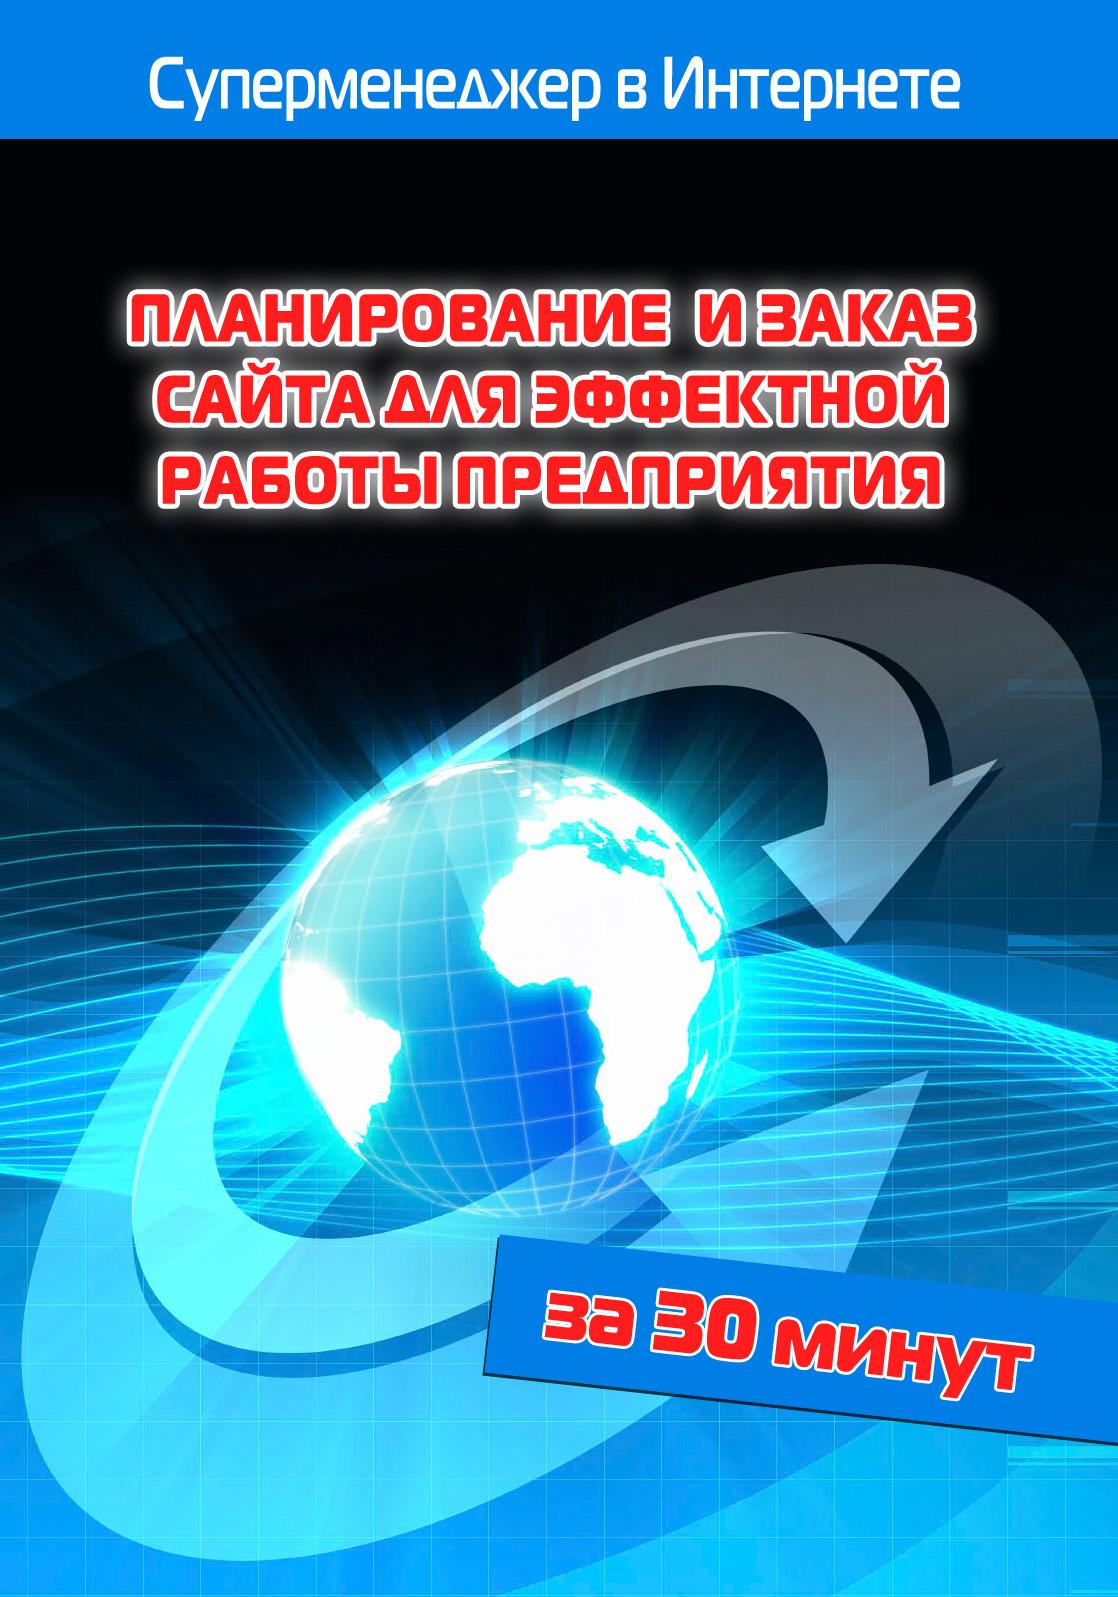 Планирование и заказ сайта для эффектной работы предприятия